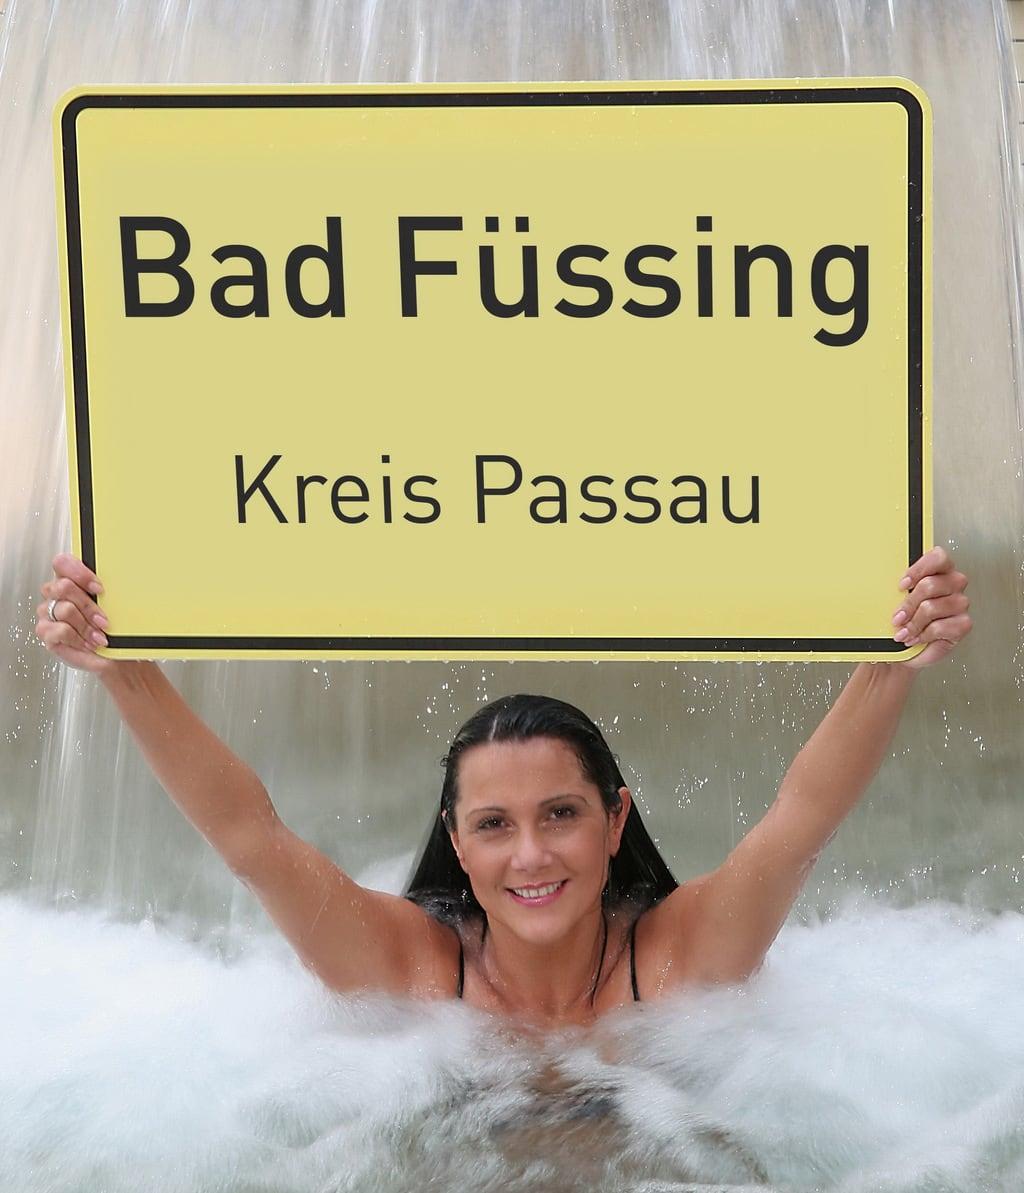 Een vrouw met een bord Bad Füssing in het water van de therme